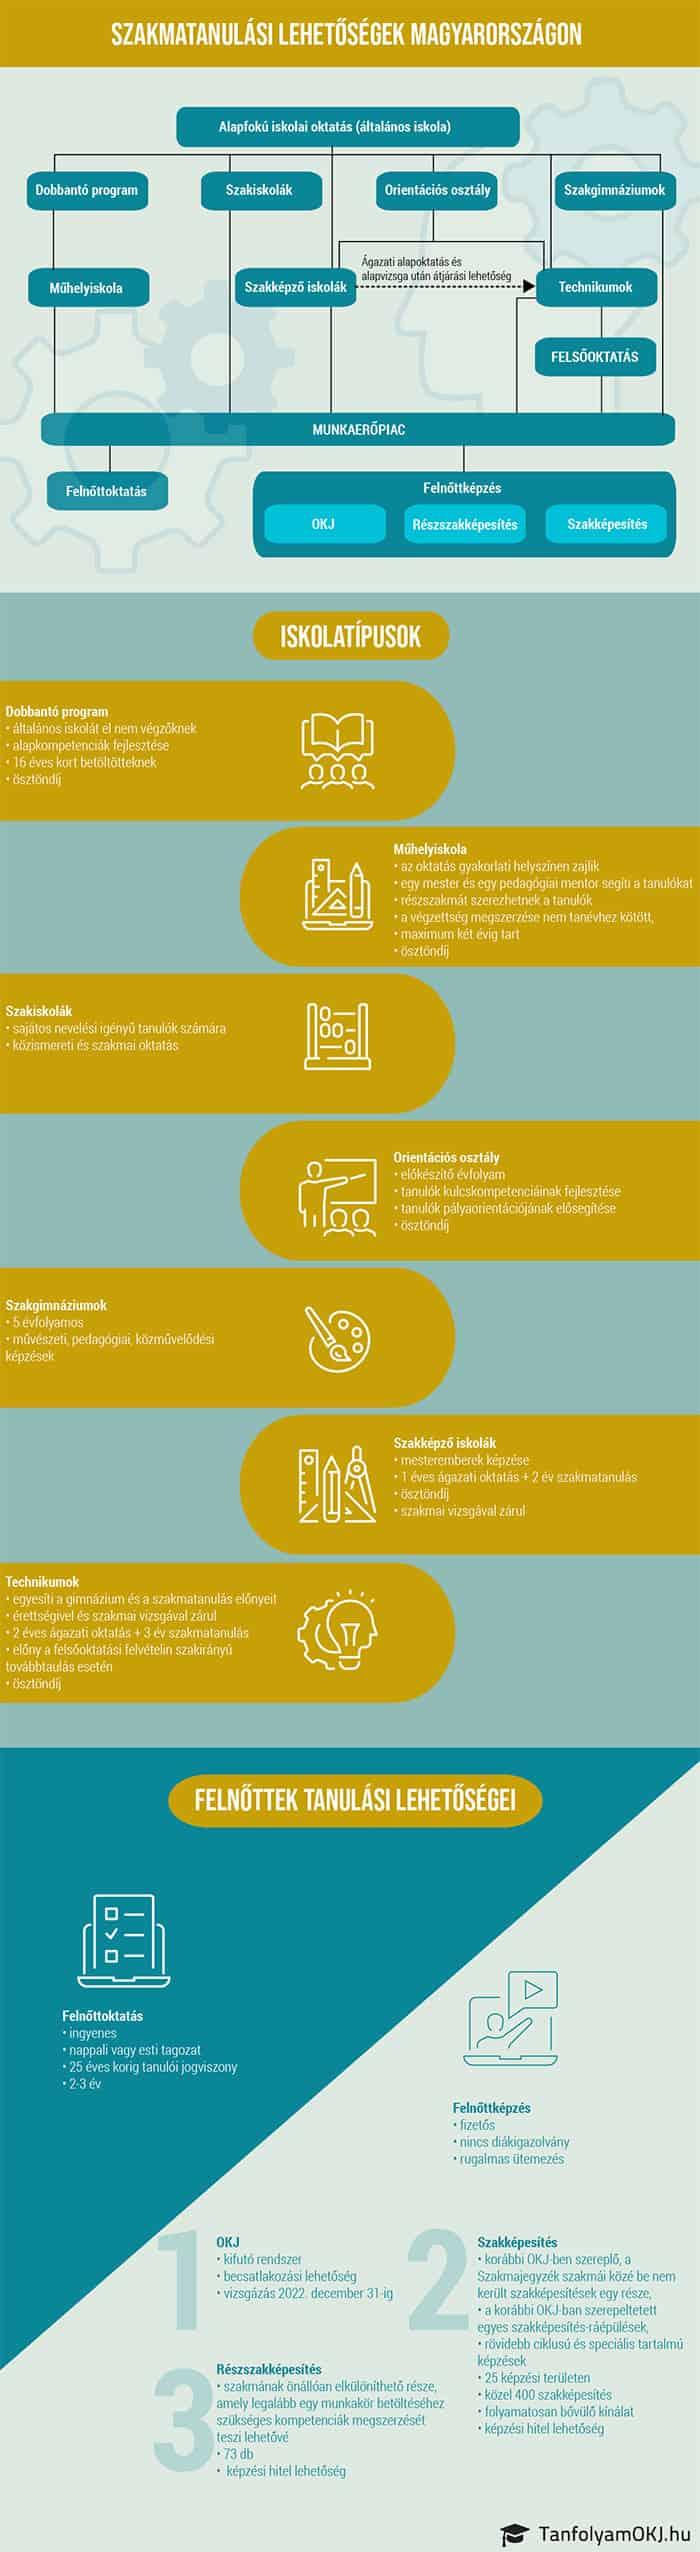 Szakmatanulási lehetőségek Magyarországon 2021